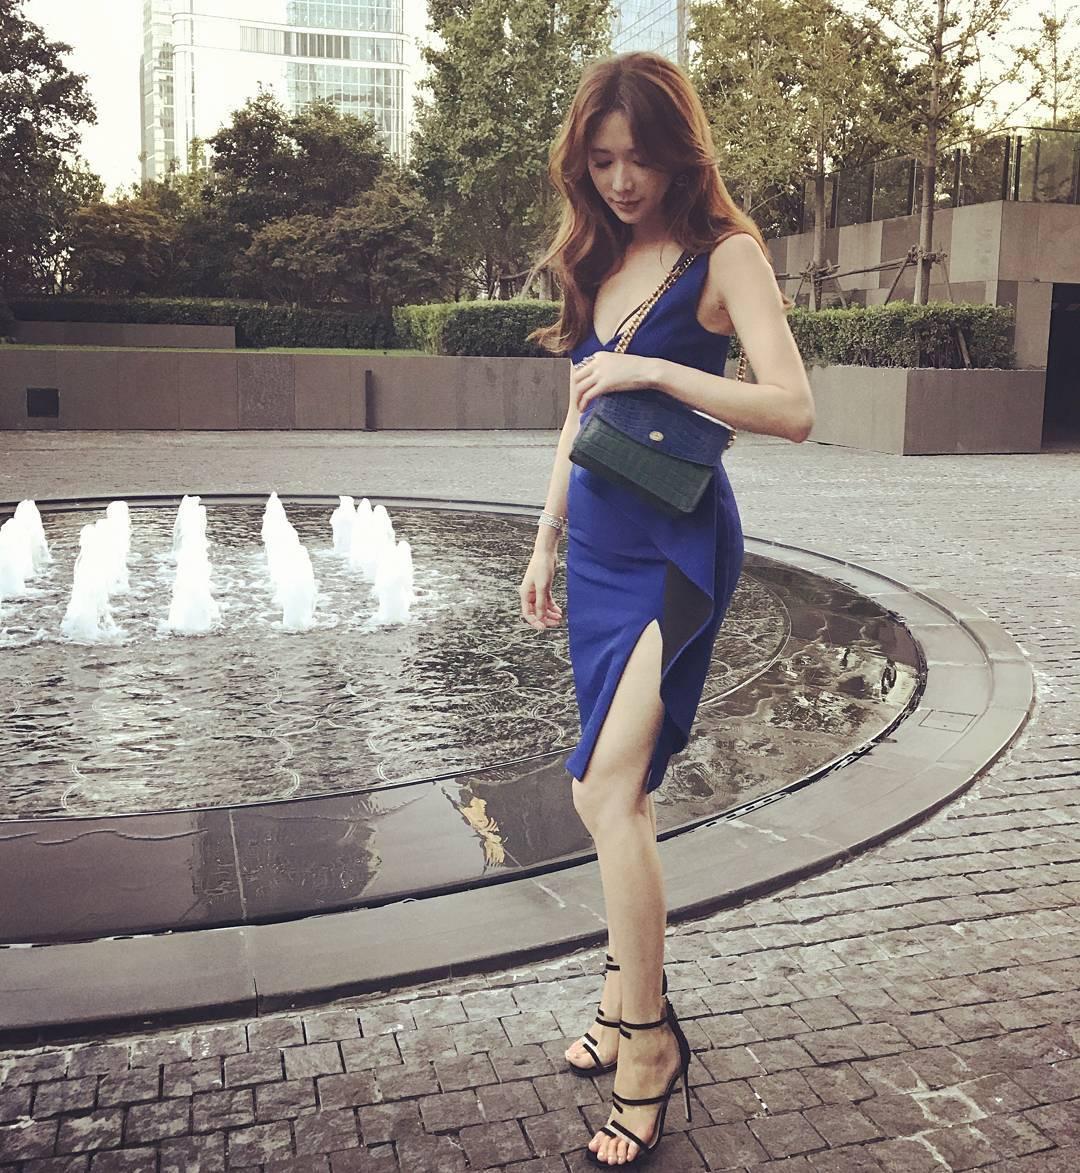 林志玲嚇壞外媒登國際版面!42歲太逆齡「美腿照」驚豔到令人窒息,大讚「完美女神」!